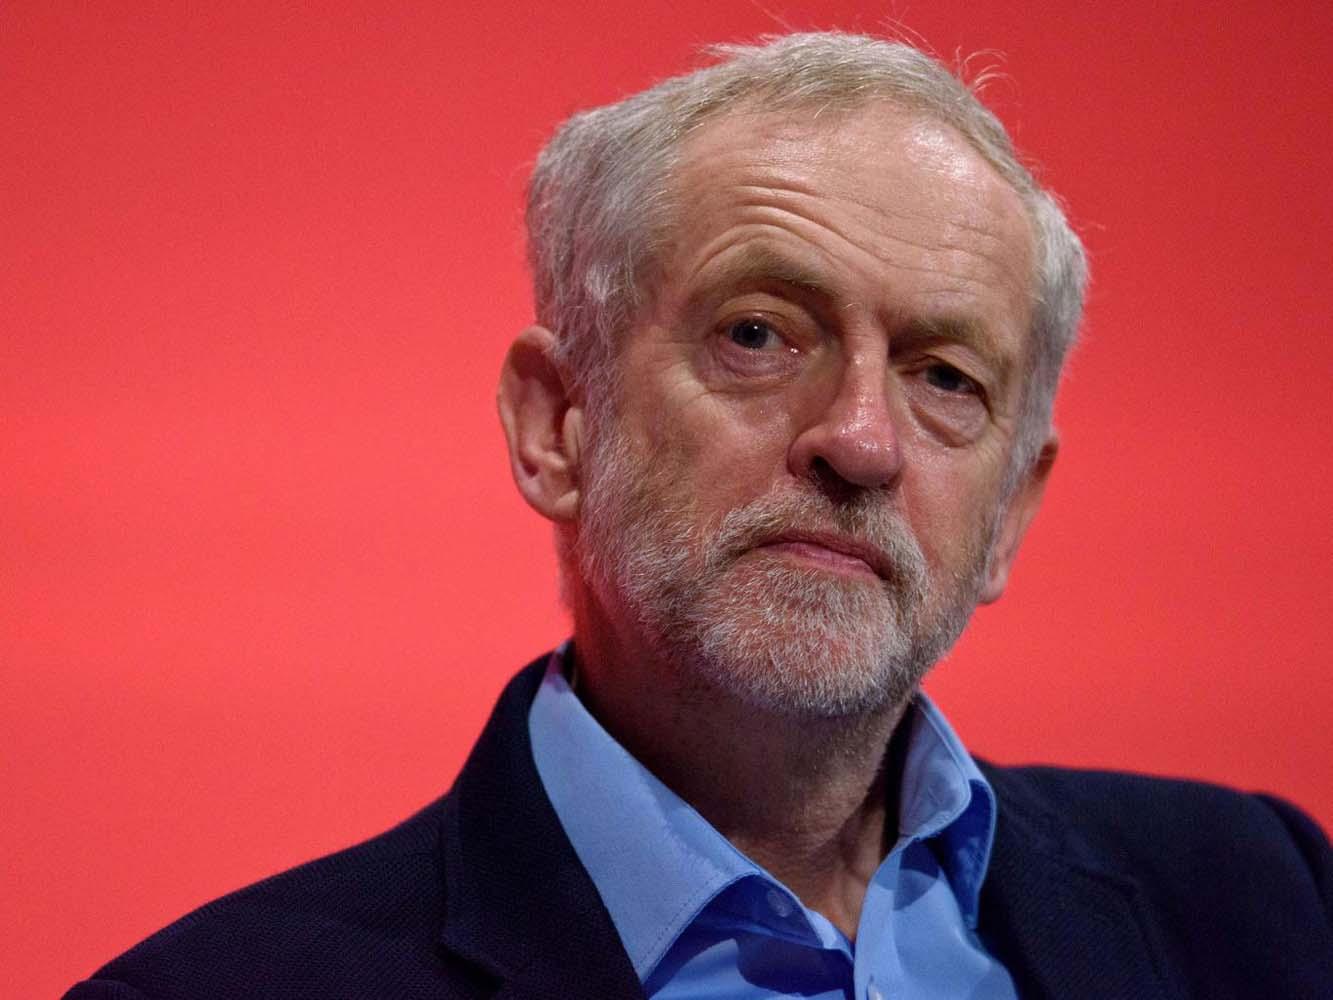 Brexit – İngiltere'de İşçi Partisi lideri Corbyn yeni referandum istedi: 'AB'de kalmayı destekleriz'